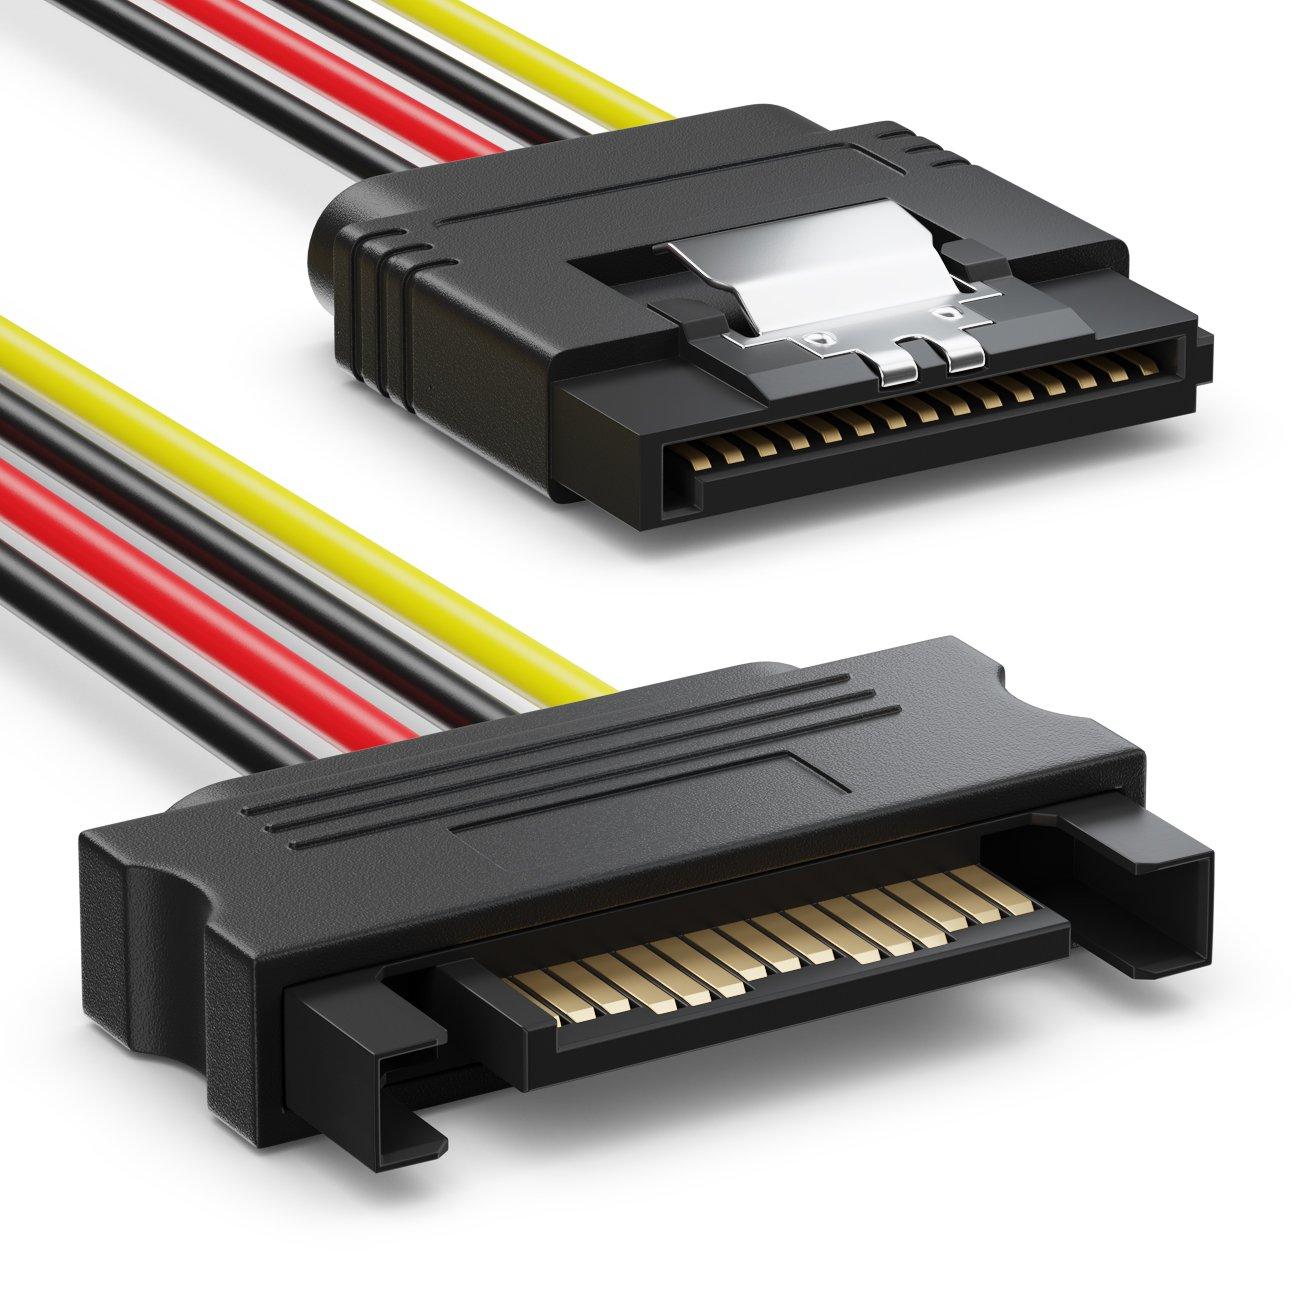 SSD HDD Disque Dur deleyCON MK2944 Lot de c/âbles SATA 4X C/âbles SATA III avec Prises Droites C/âble Adaptateur D/'Alimentation